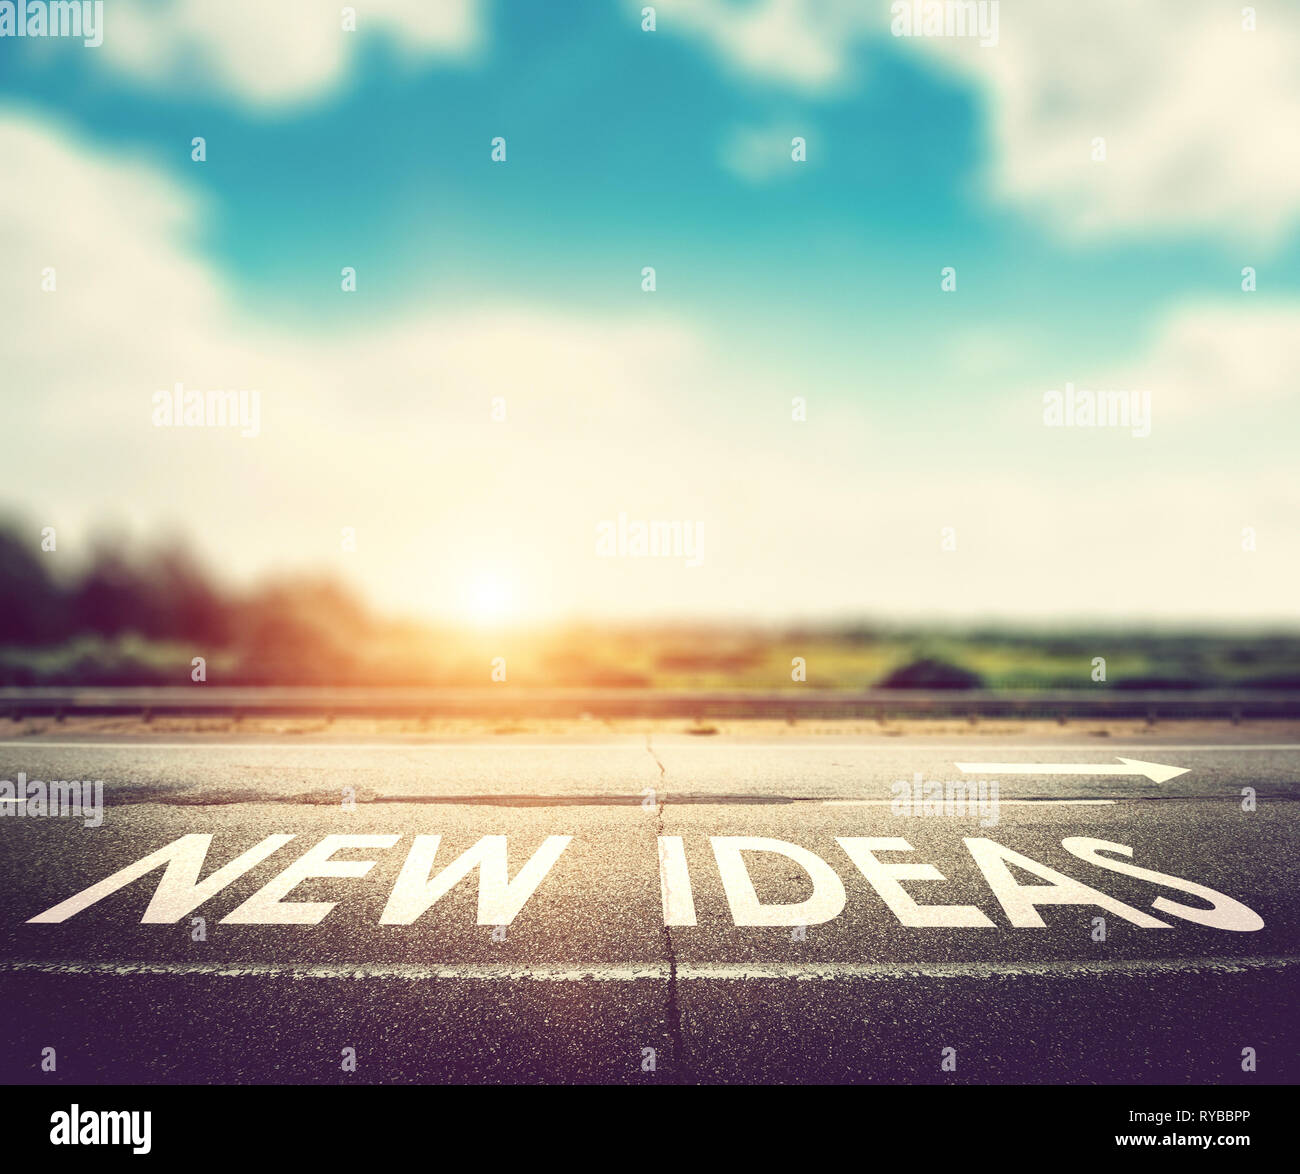 Neue Ideen Konzept Stockbild